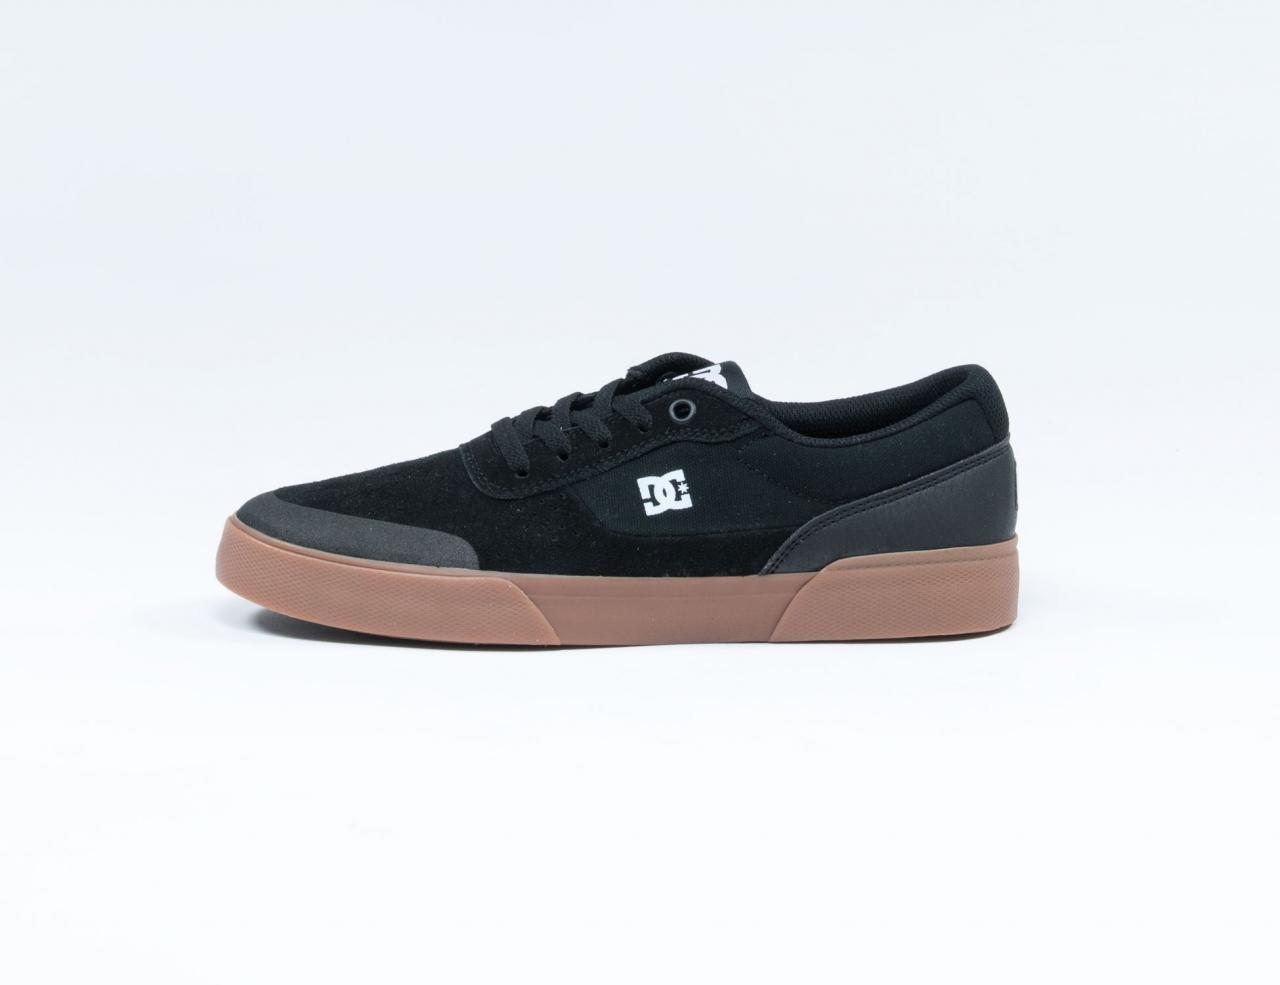 DC Shoes Switch Plus S M Sneaker - Black / Gum